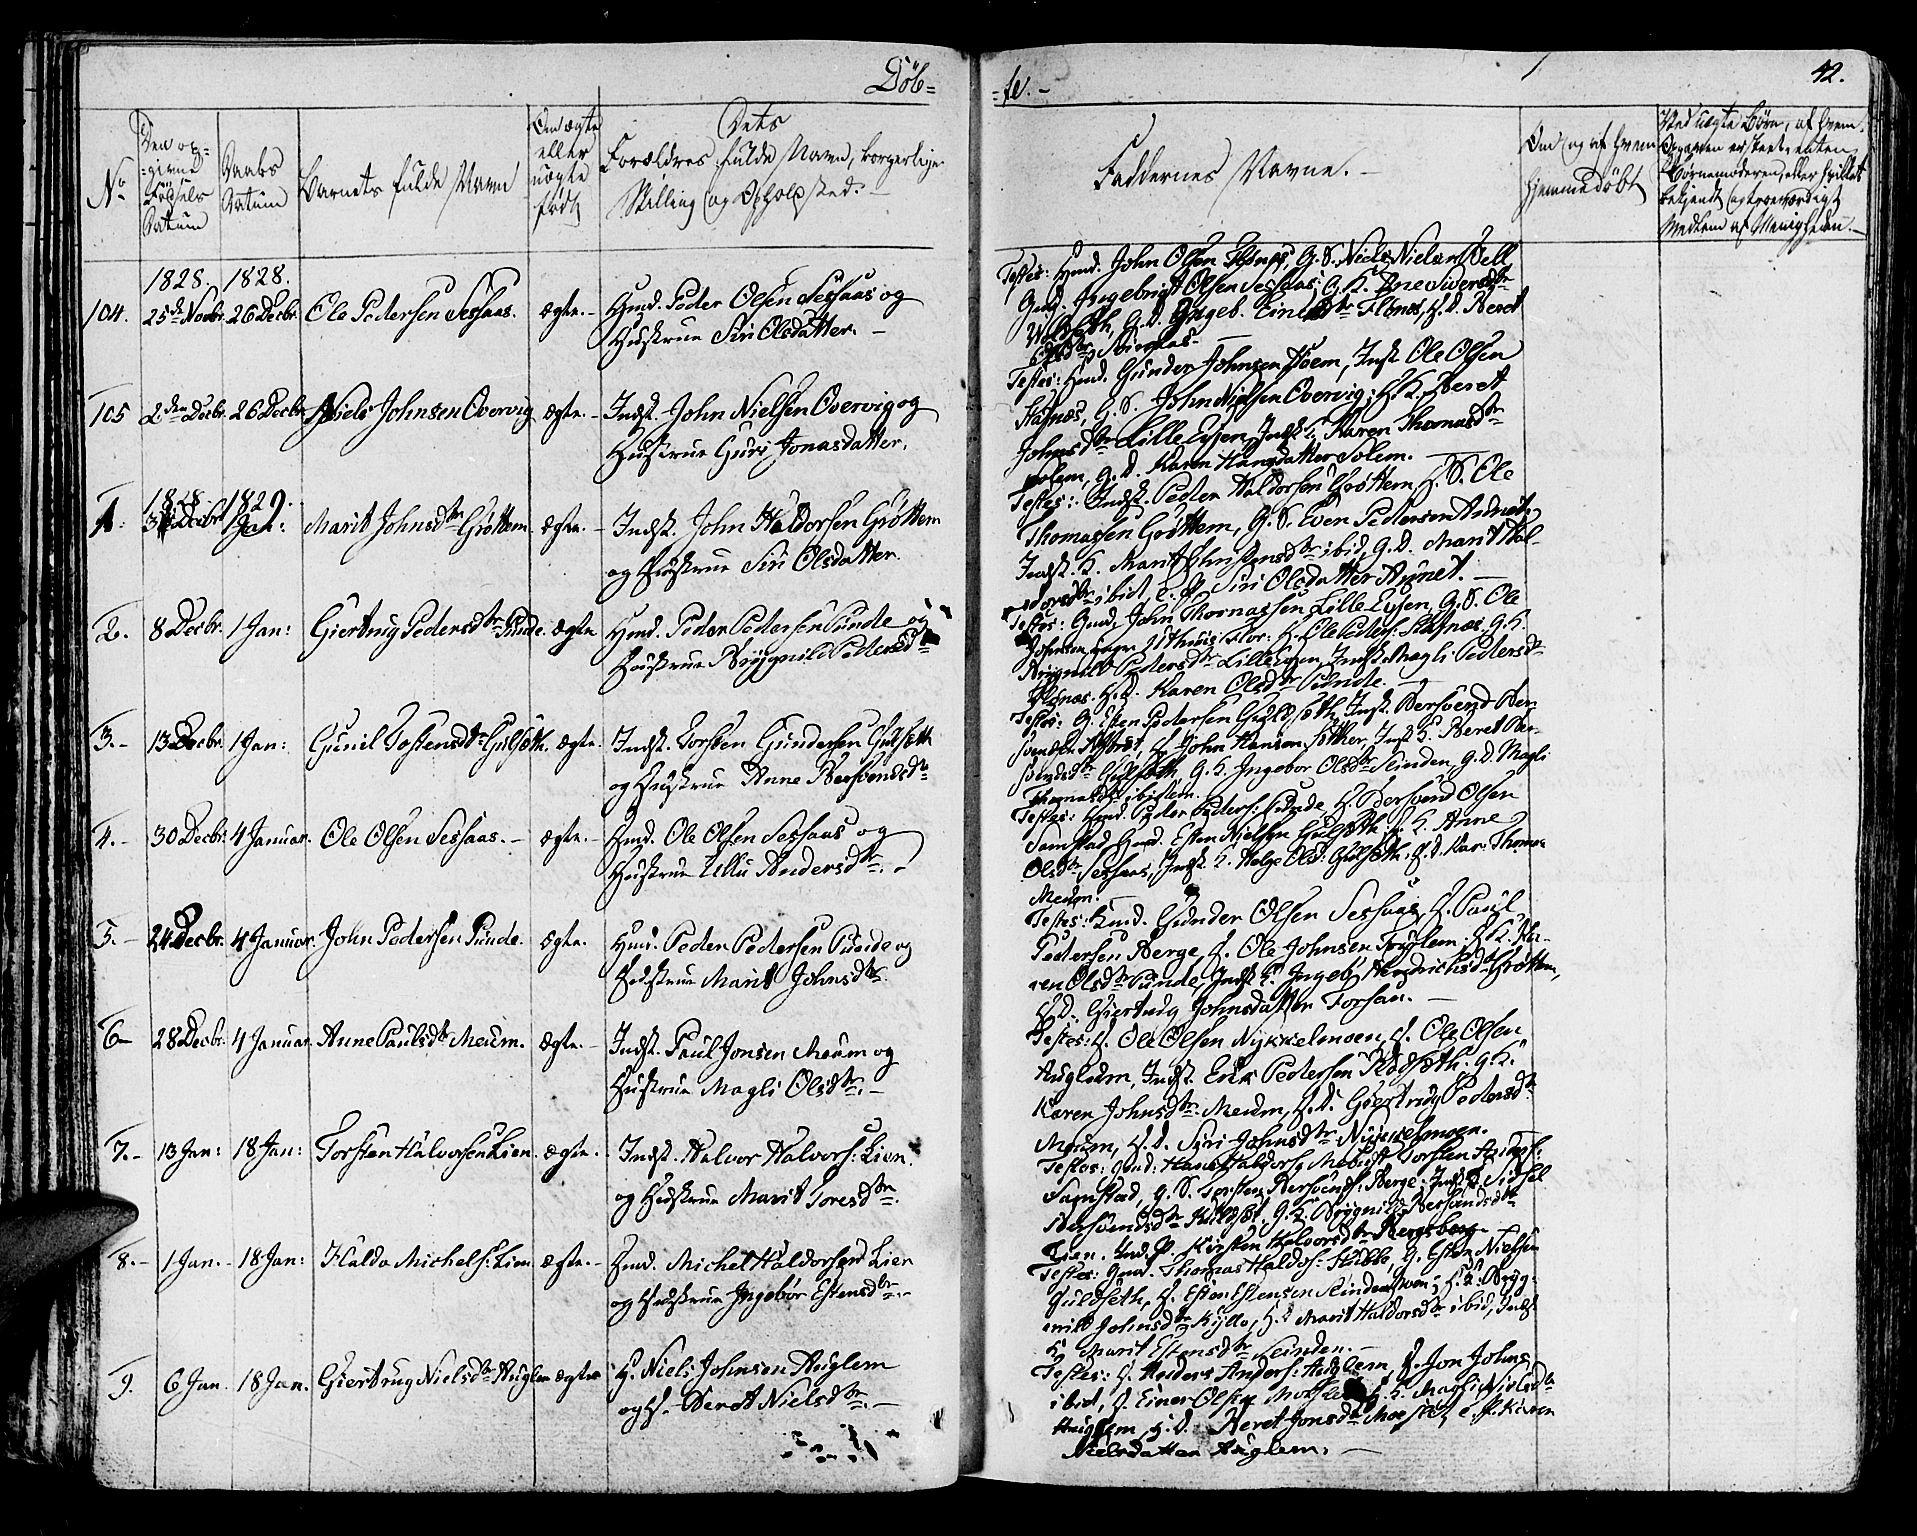 SAT, Ministerialprotokoller, klokkerbøker og fødselsregistre - Sør-Trøndelag, 695/L1143: Ministerialbok nr. 695A05 /1, 1824-1842, s. 42